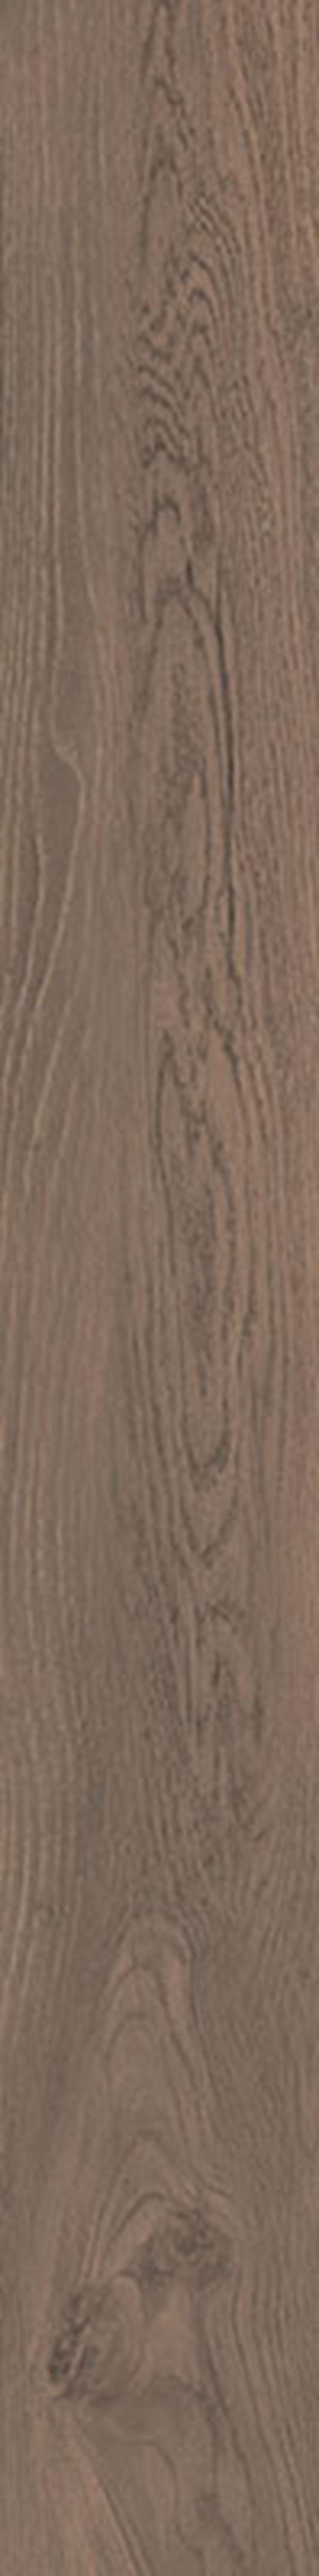 Płytka ścienno-podłogowa 14,8x119,8 cm Paradyż Wildland Dark Gres Szkl. Rekt.